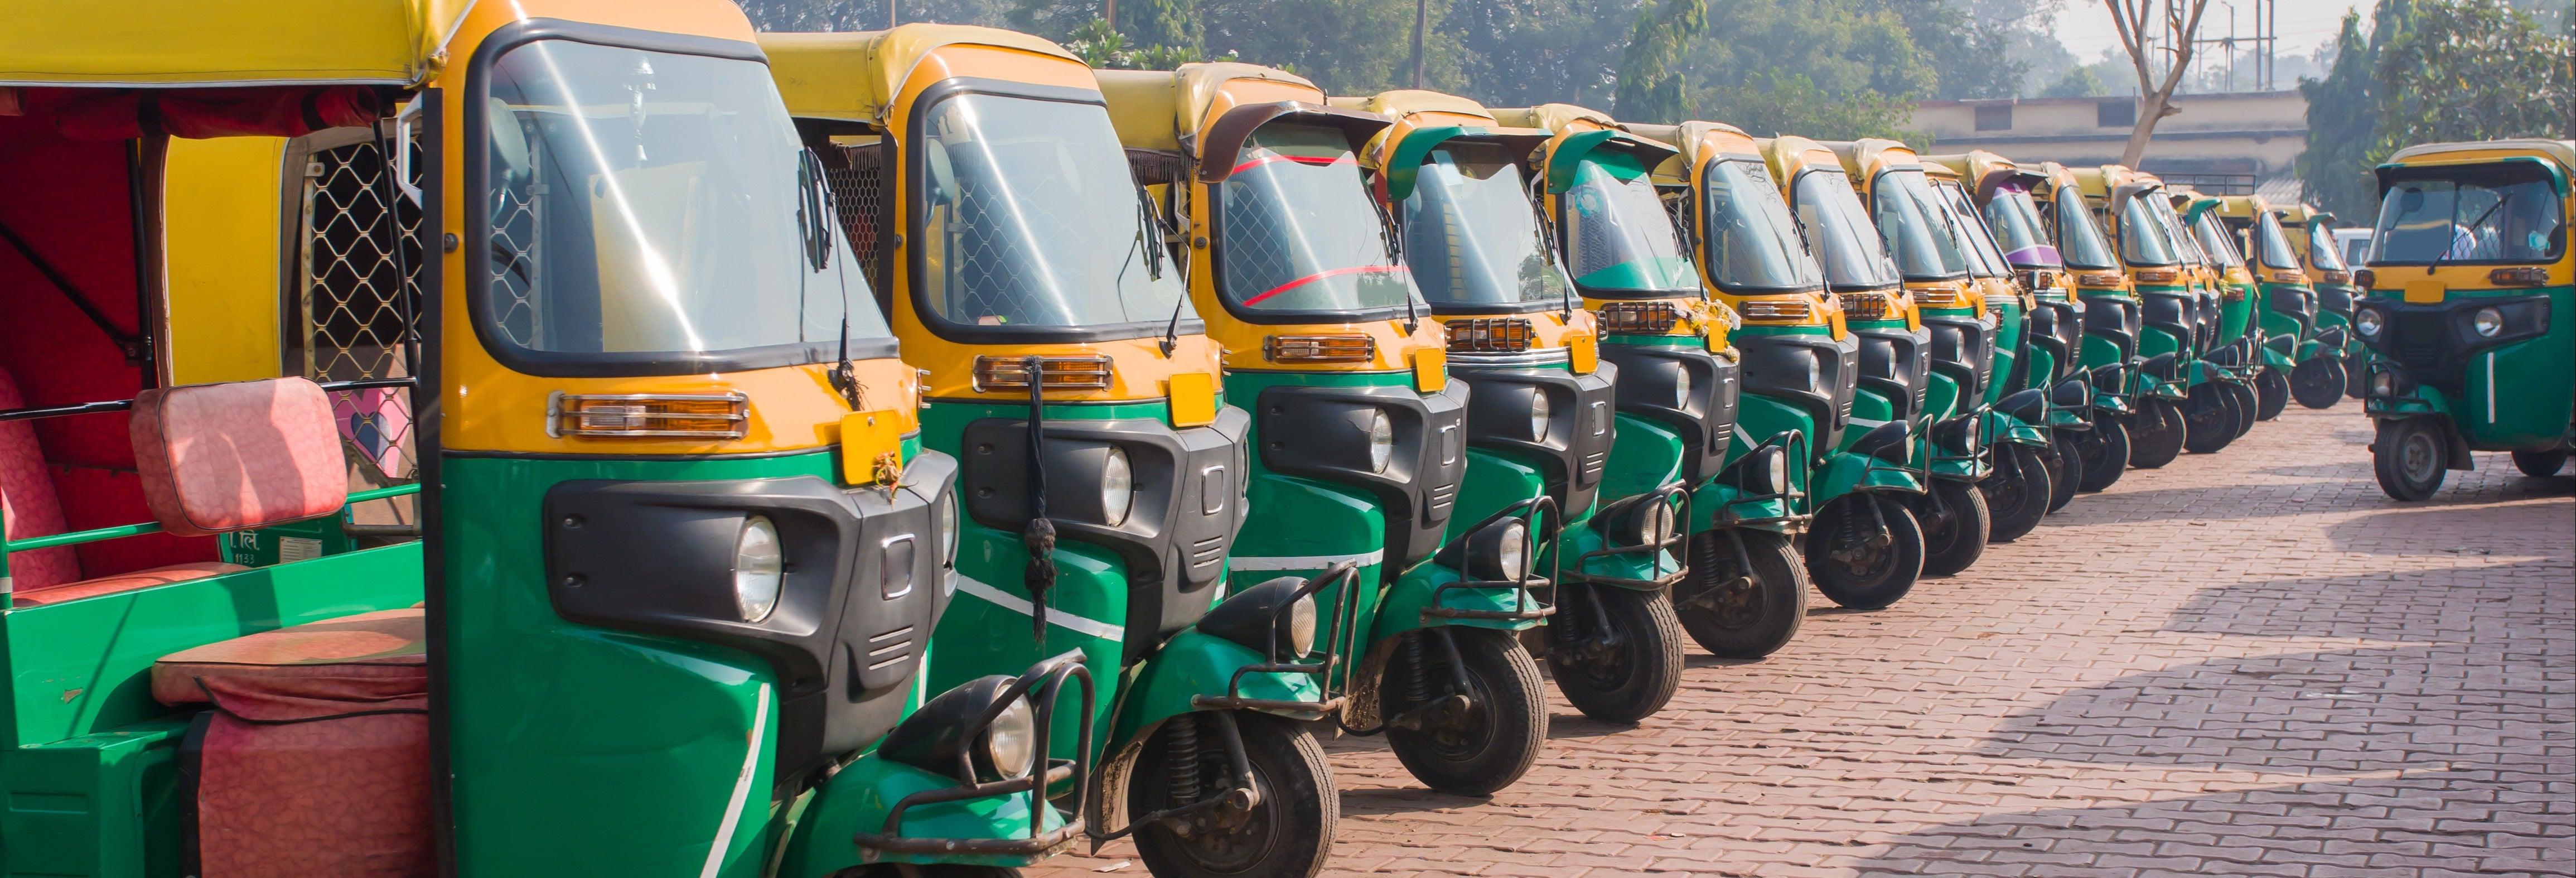 Tour di Agra in tuk tuk